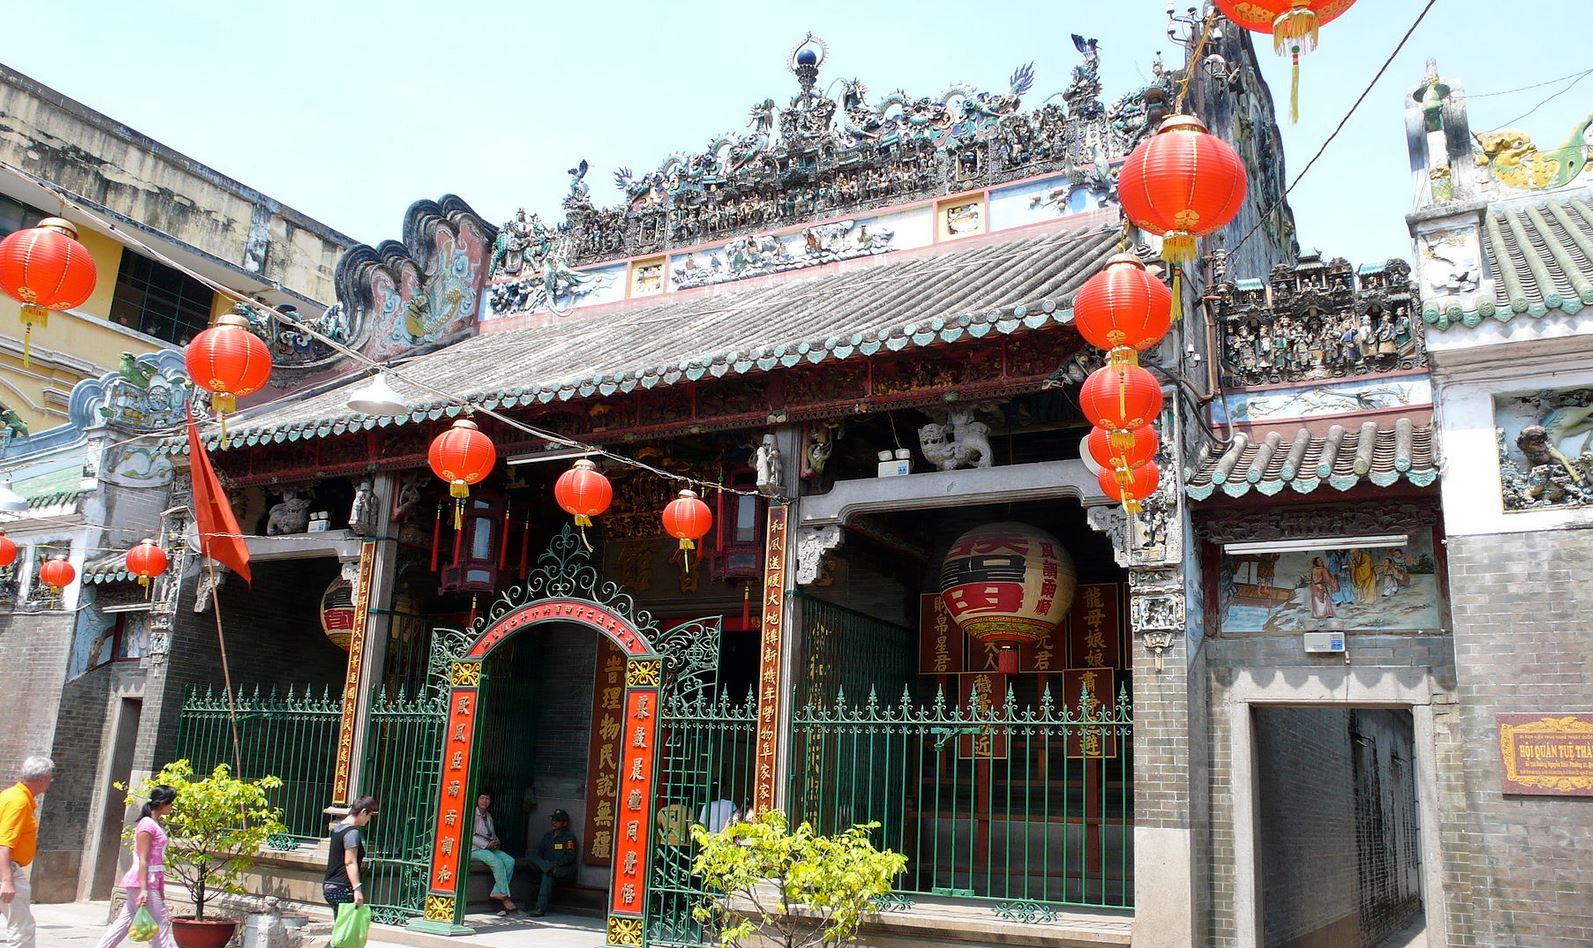 中華街の寺院